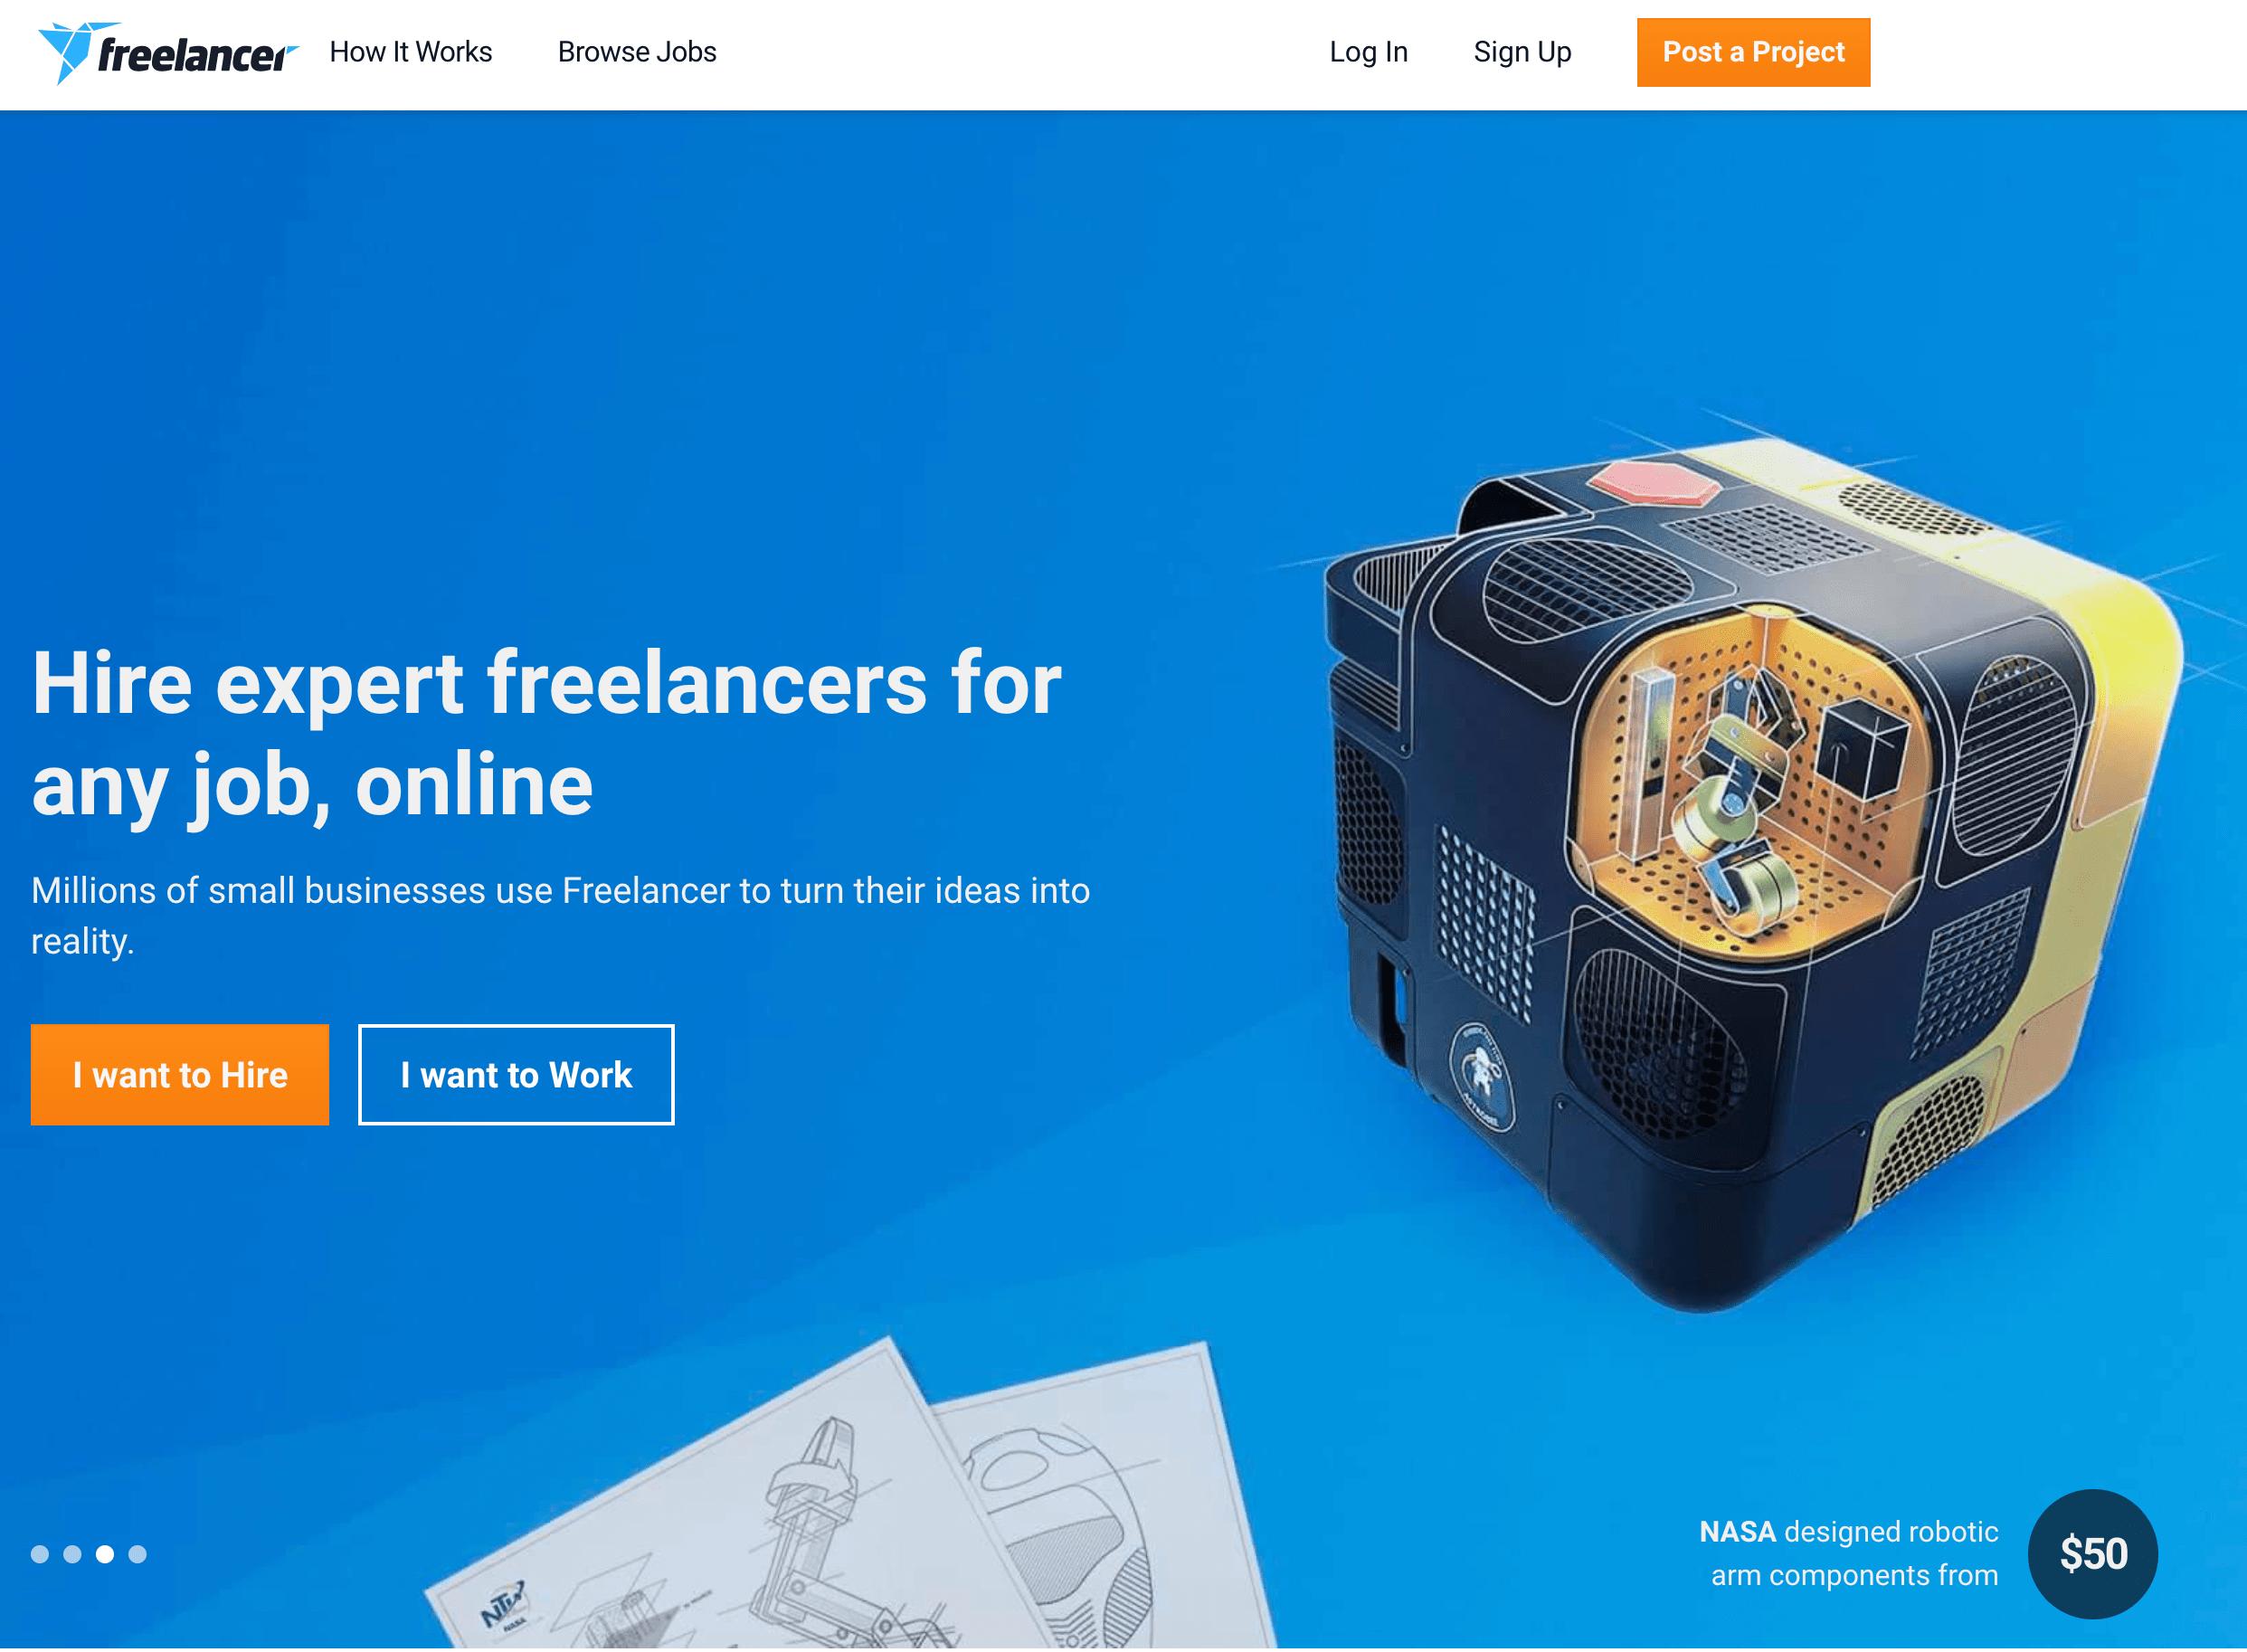 freelancer com image